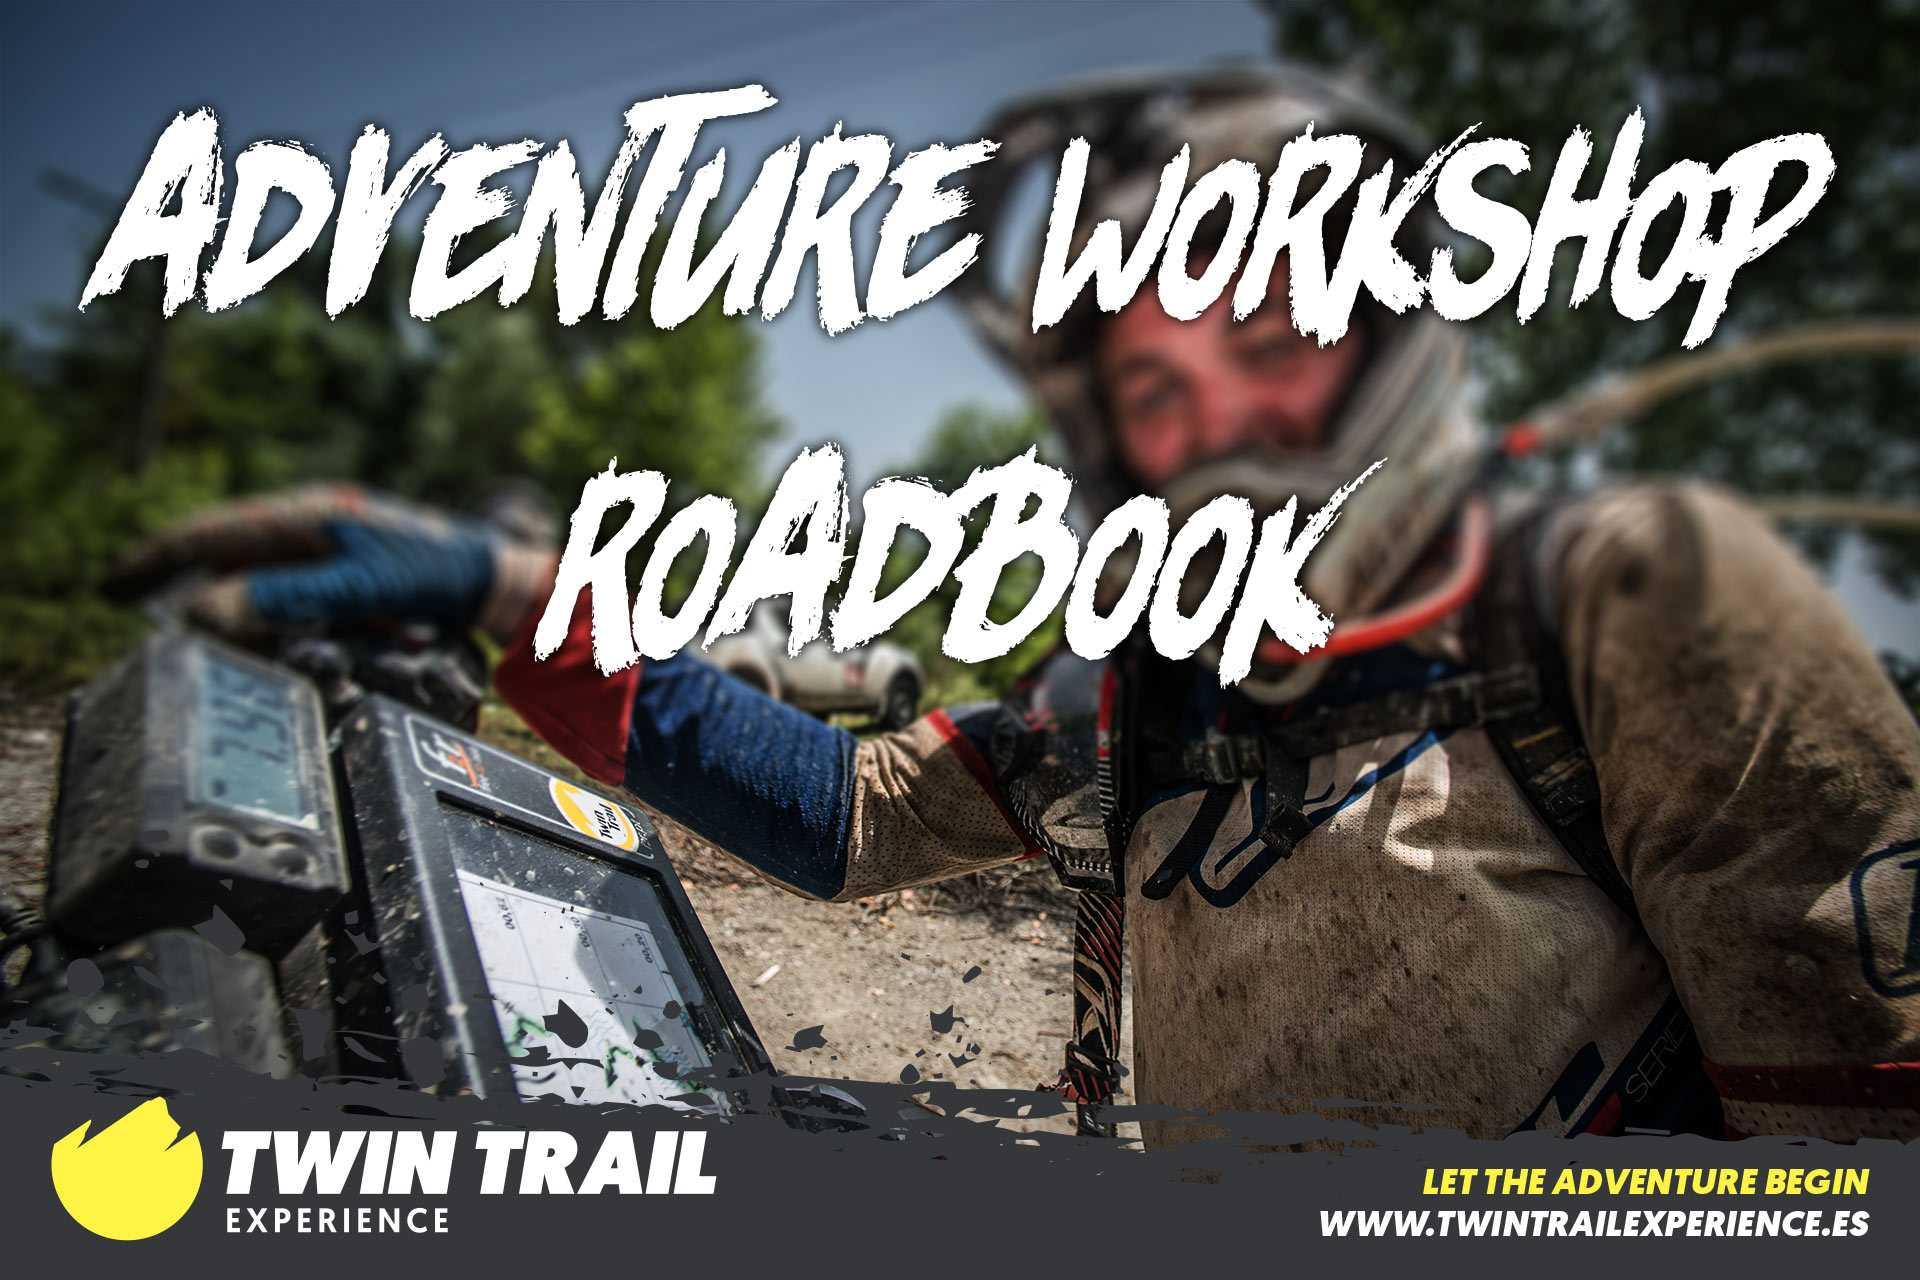 Adventure Workshop: Roadbook